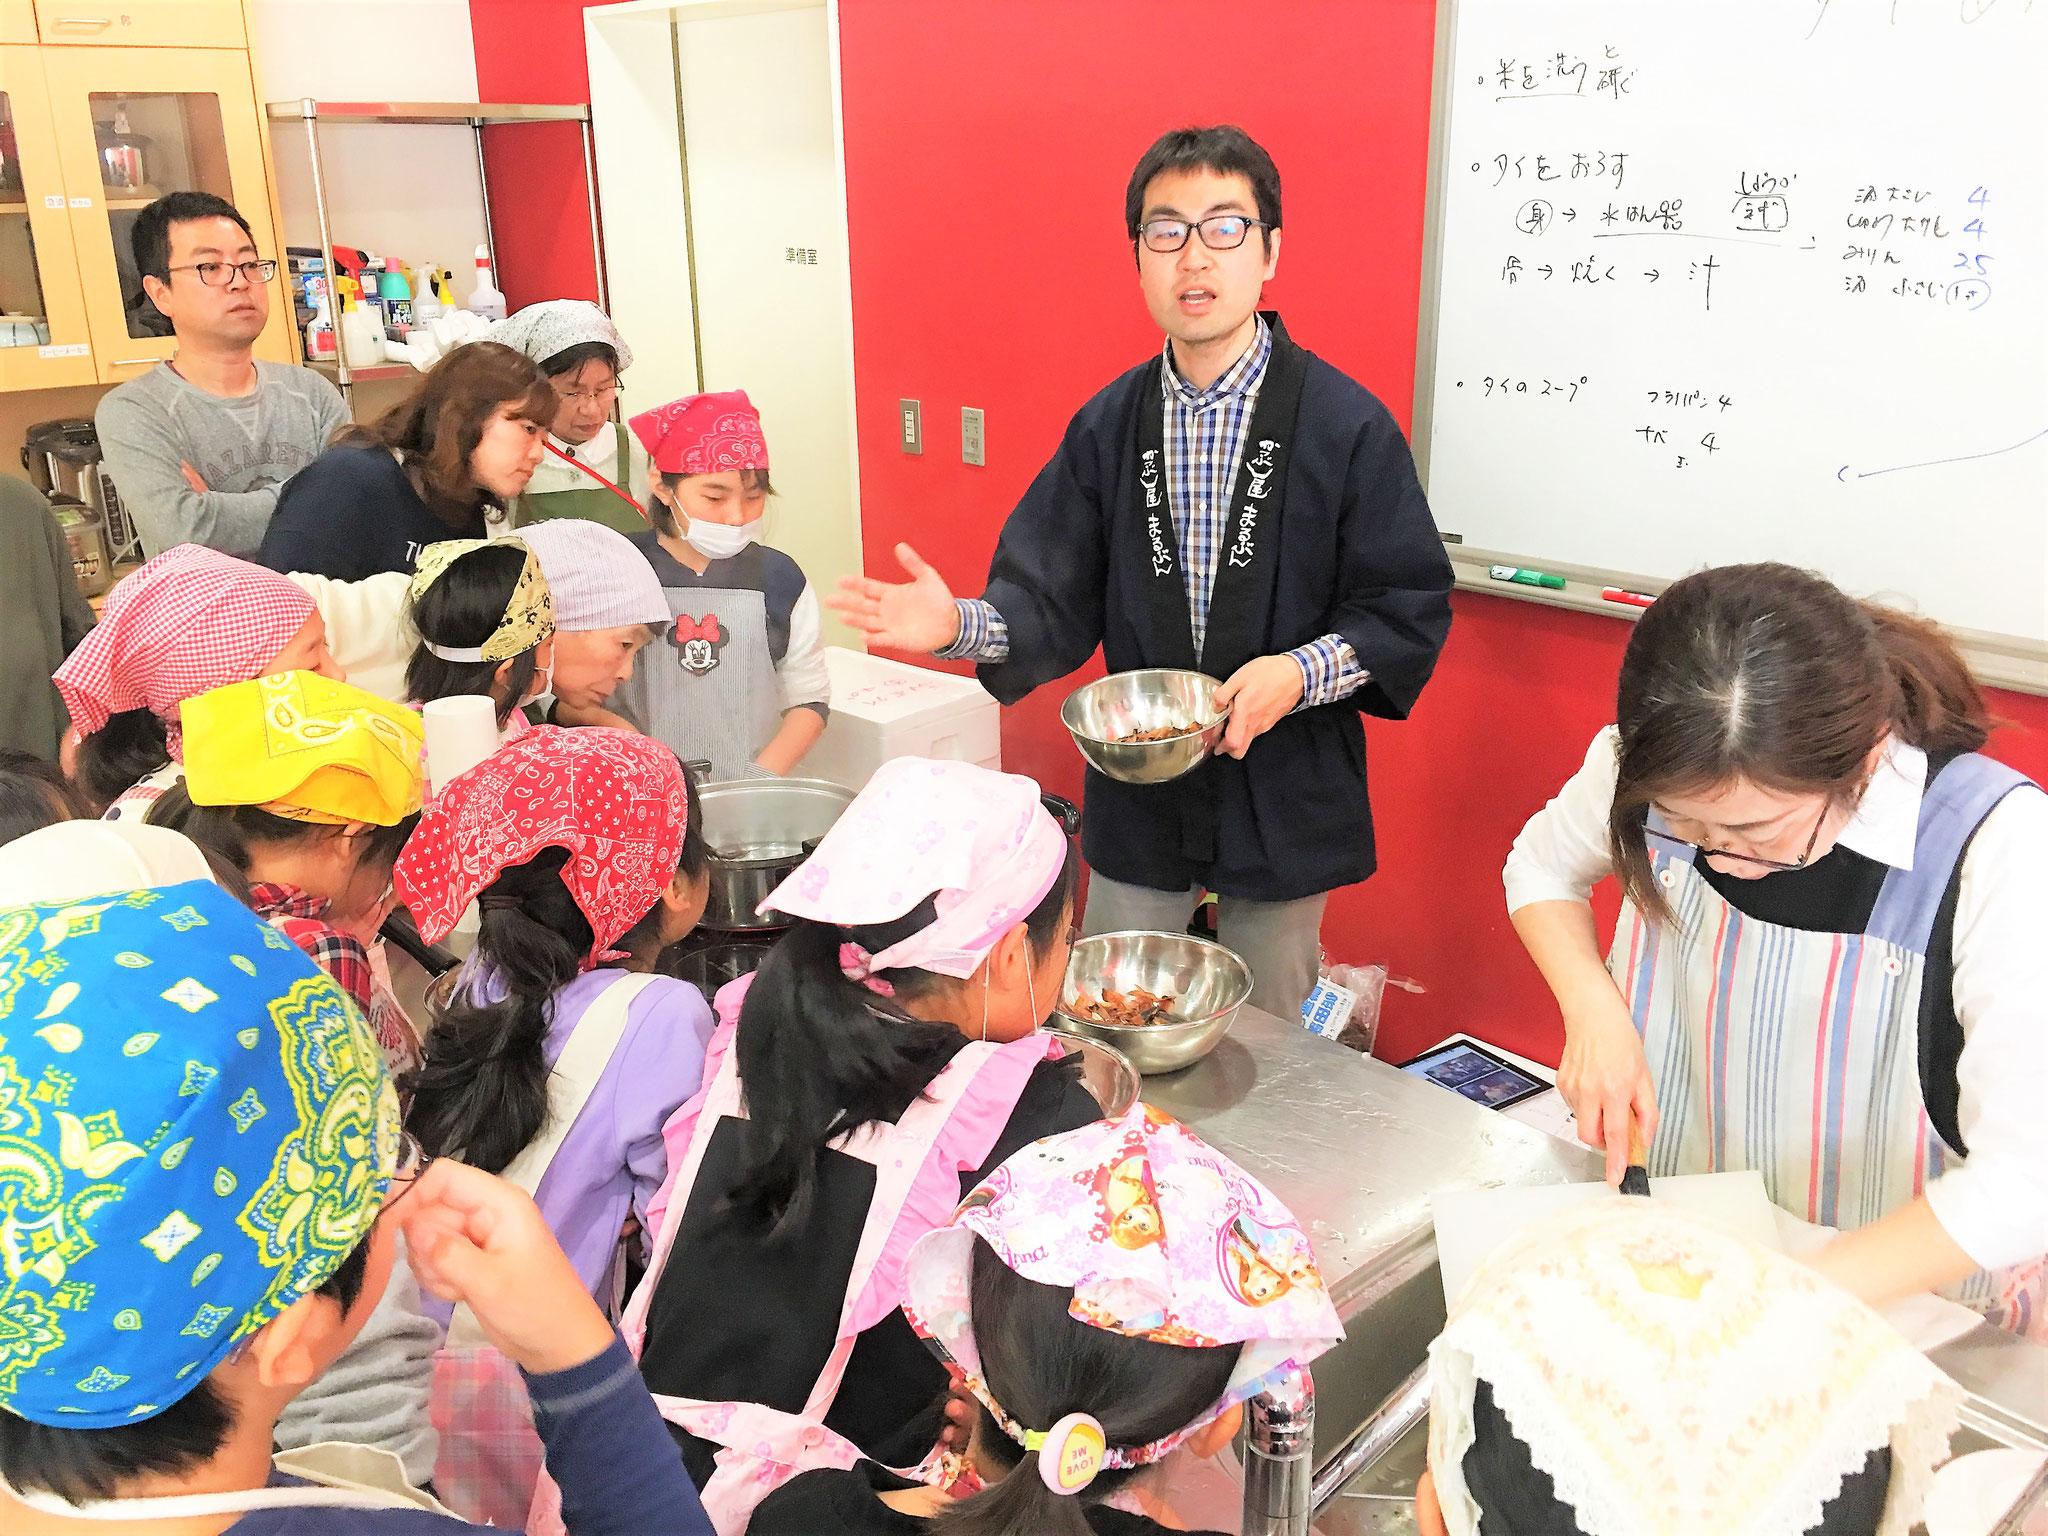 丸文岩瀬商店の岩瀬さんからカツオ節からのダシの取り方を学ぶ。